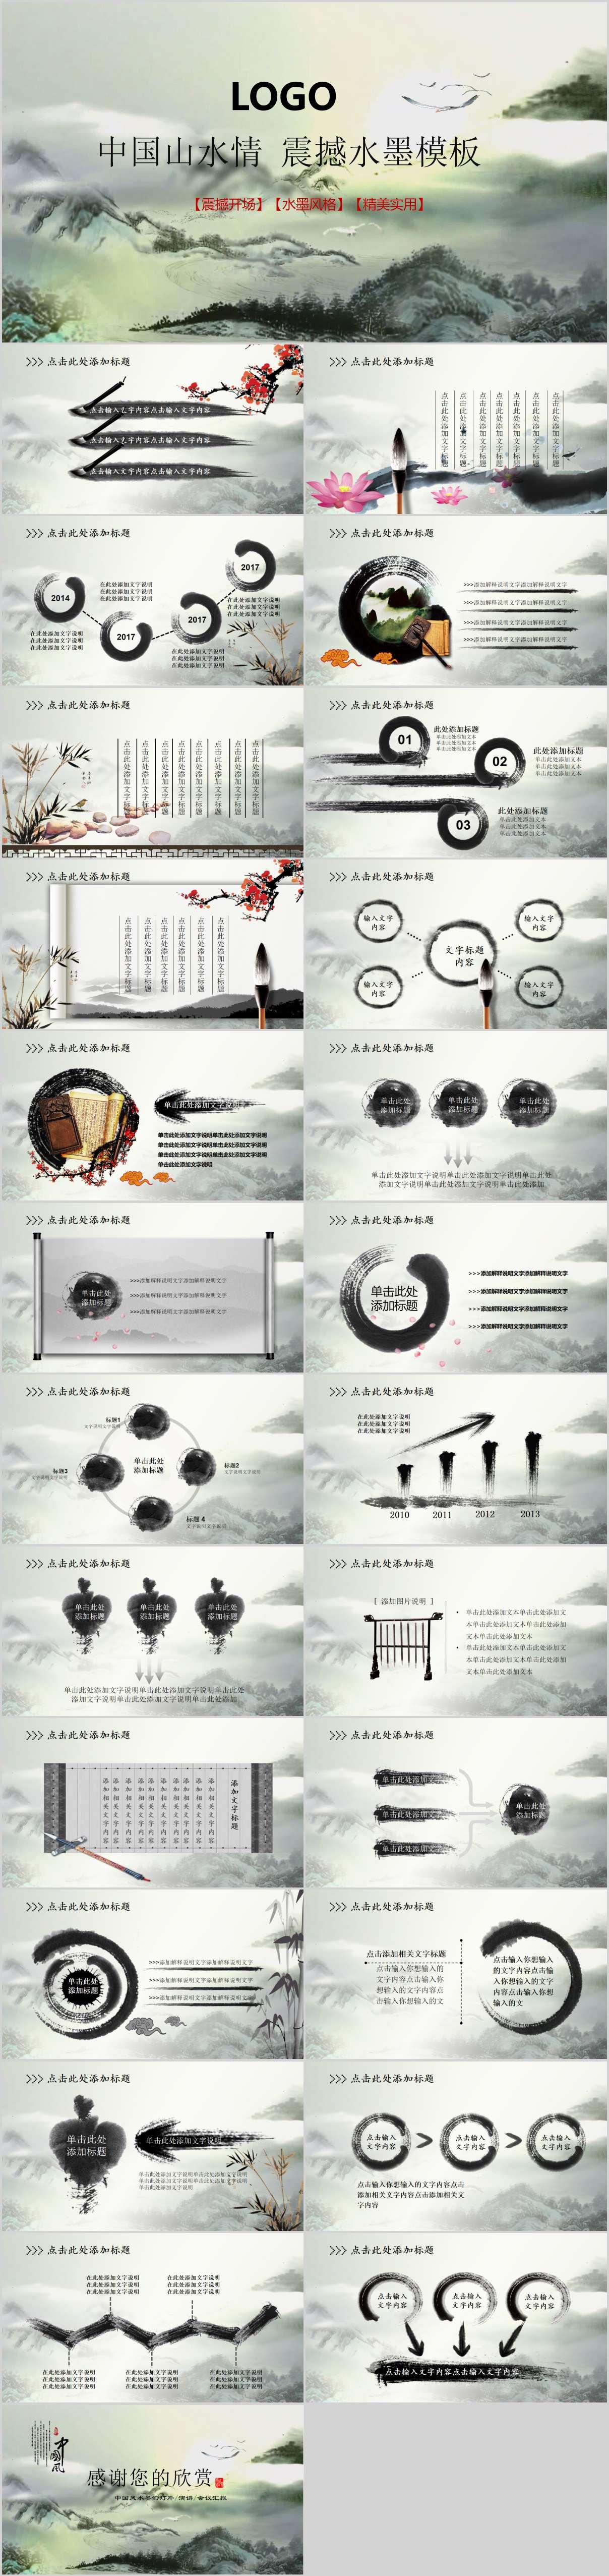 中国山水情水墨PPT模板